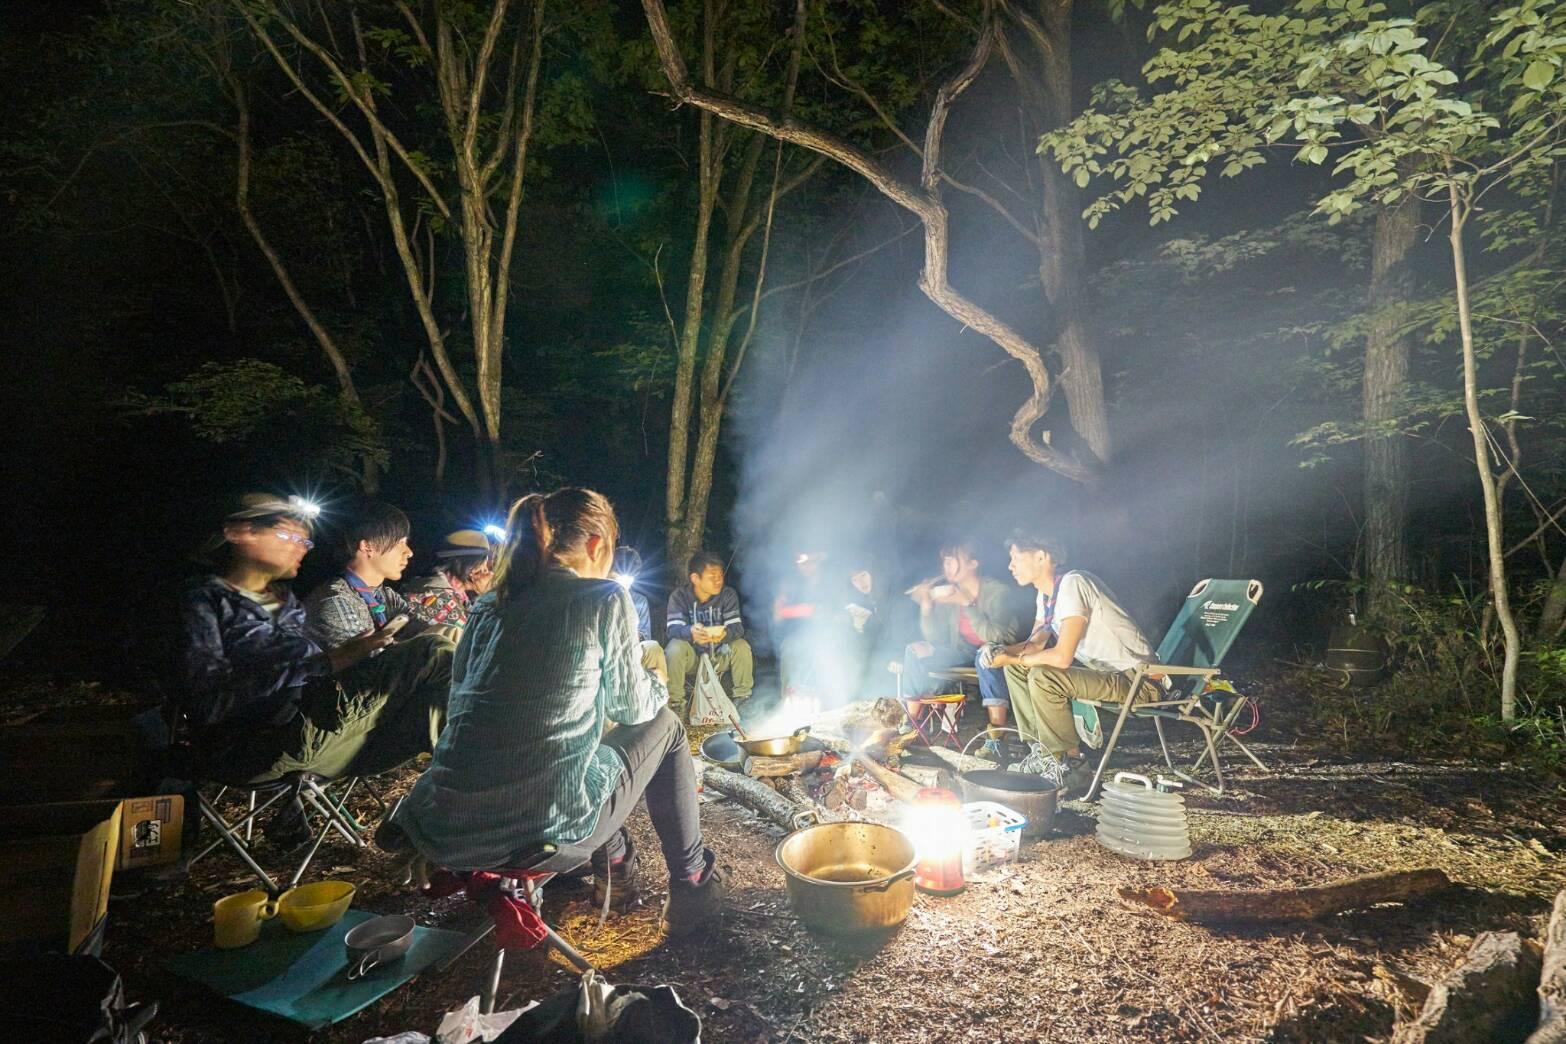 新歓キャンプ2017 夜